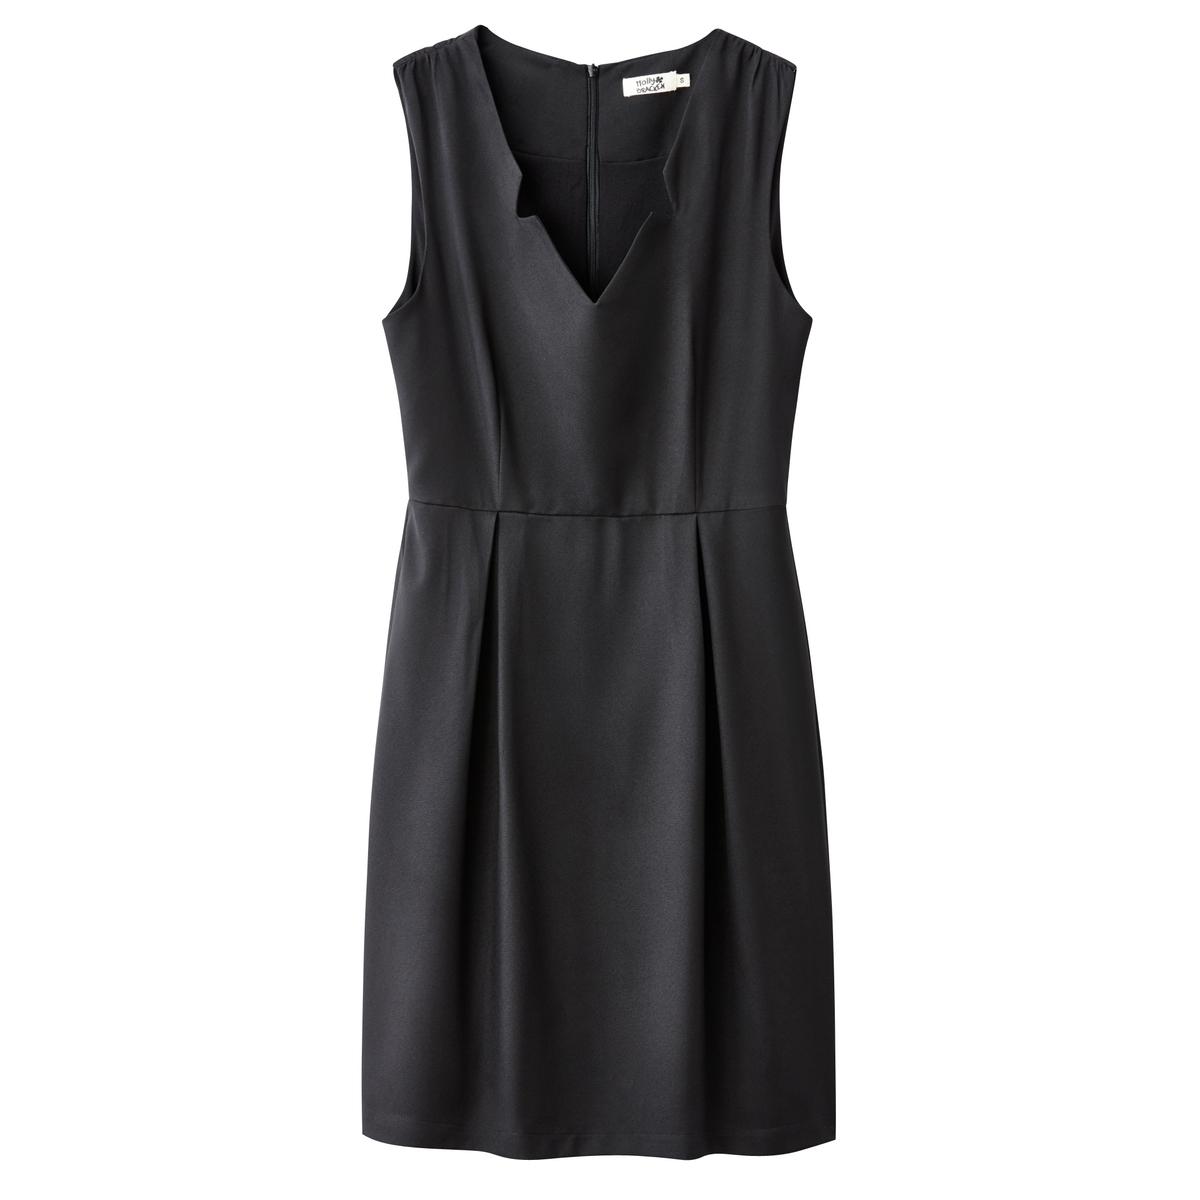 Платье без рукавов приталенного покрояМатериал : 100% полиэстер       Длина рукава : без рукавов       Форма воротника : V-образный вырез      Покрой платья : платье прямого покроя     Рисунок : Однотонная модель        Длина платья : короткое.<br><br>Цвет: коралловый,черный<br>Размер: M